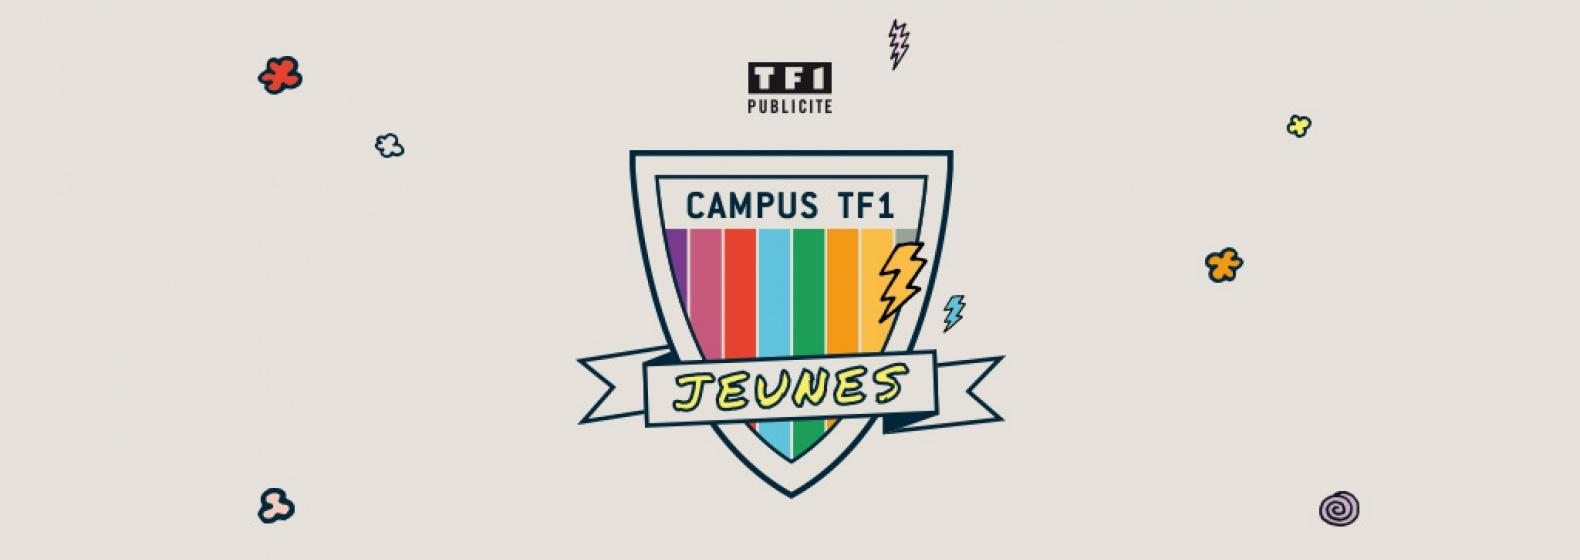 visuel campus